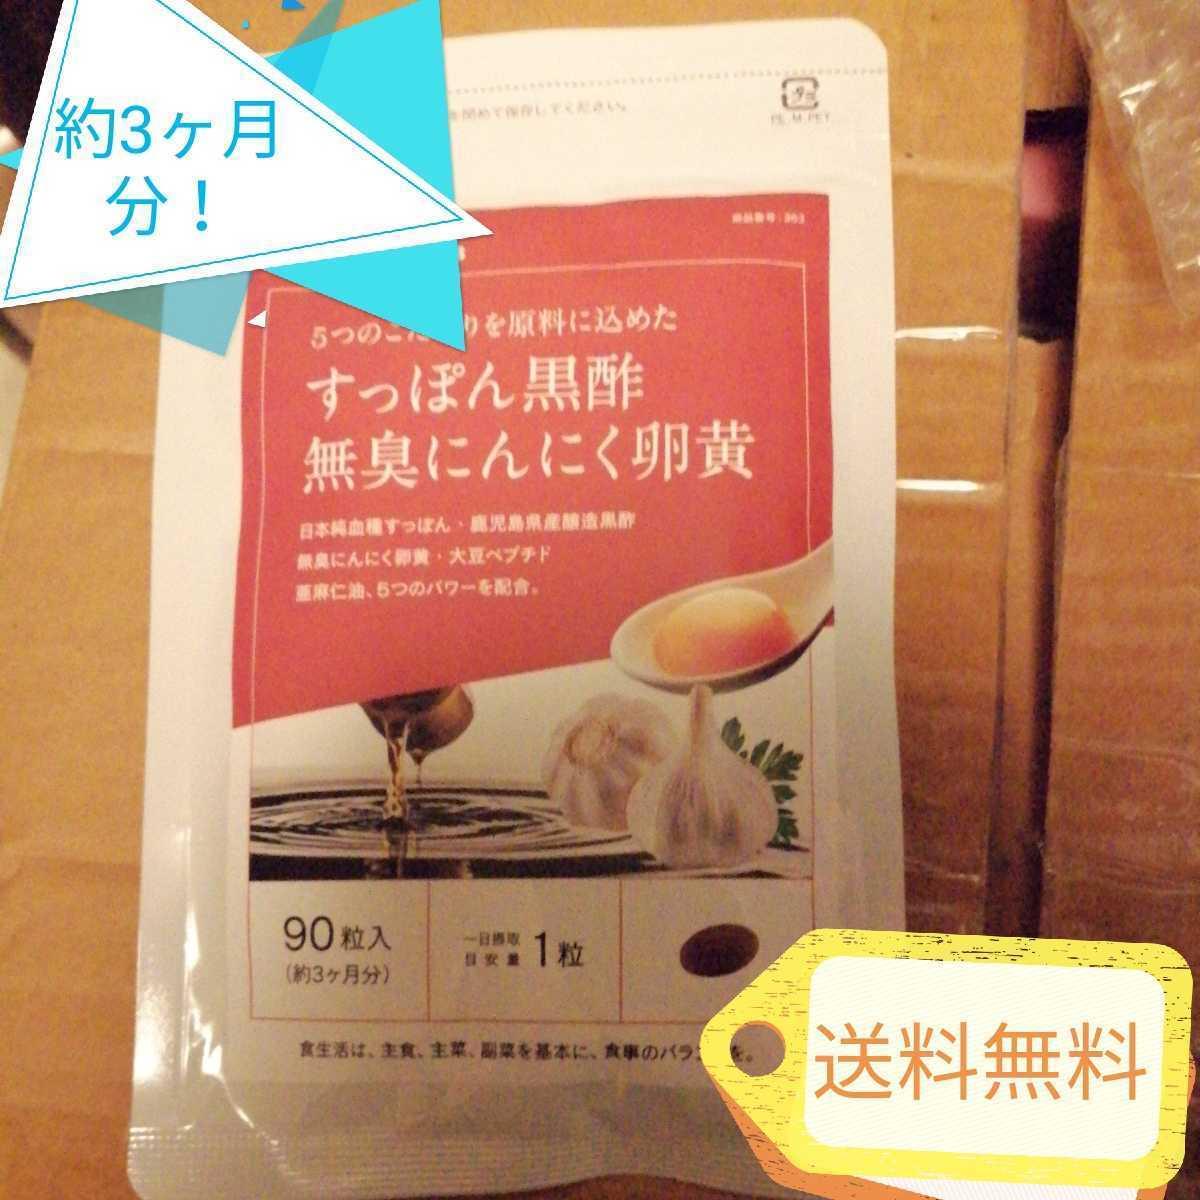 送料無料【3ヶ月分】サプリ サプリメント すっぽん黒酢+にんにく卵黄 約3ヵ月分 アミノ酸 無臭にんにく 送料無料 ダイエット_画像1